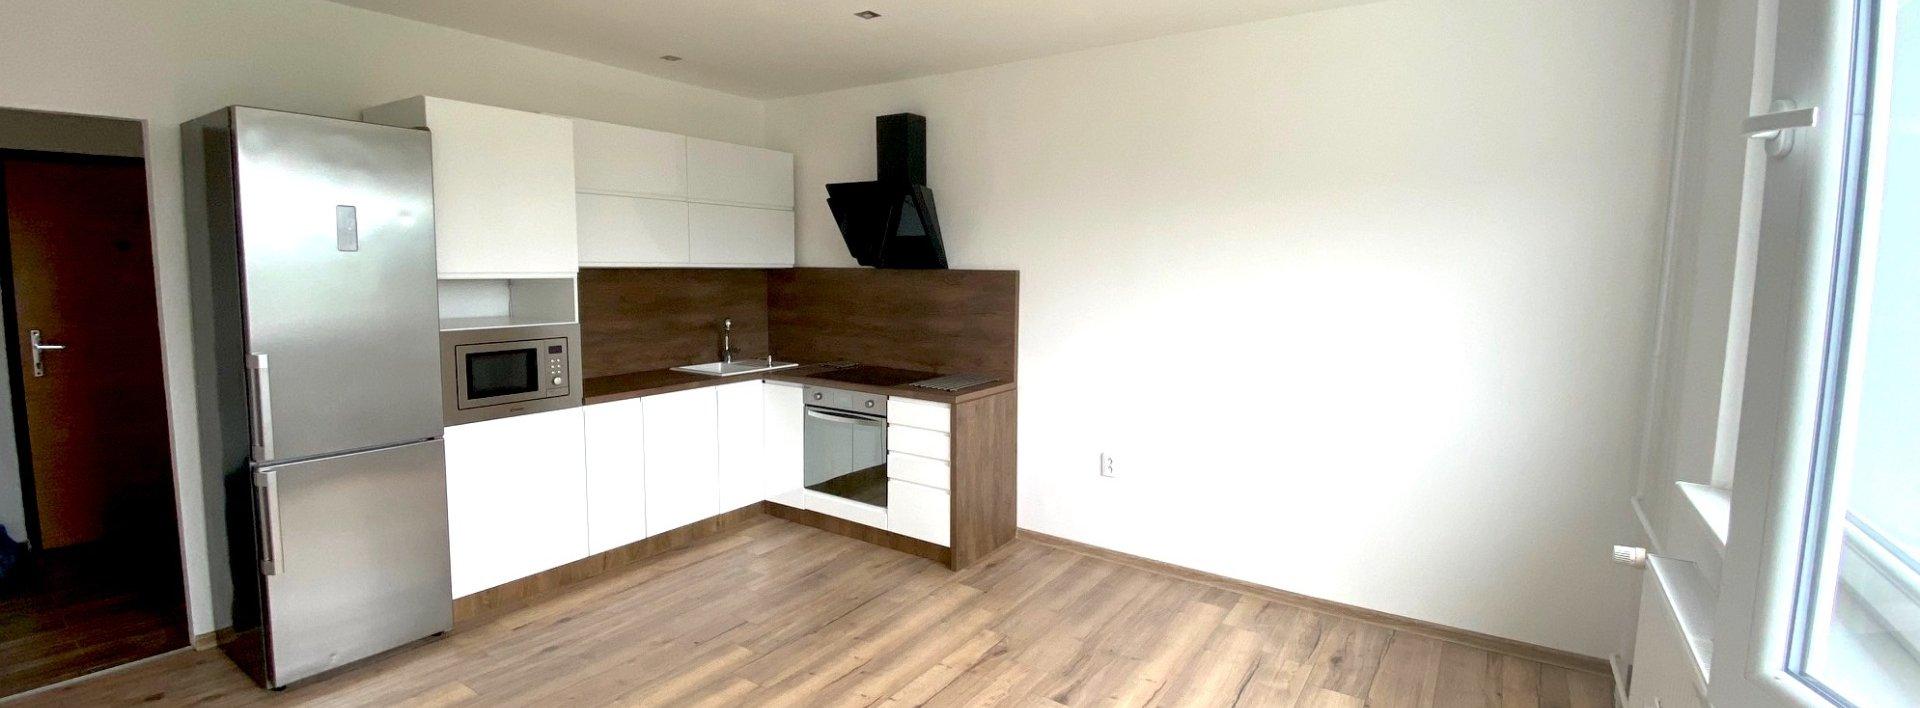 Pronájem zrekonstruovaného bytu 2+kk, 43 m² - Liberec - Rochlice, ul. Haškova, Ev.č.: N49233